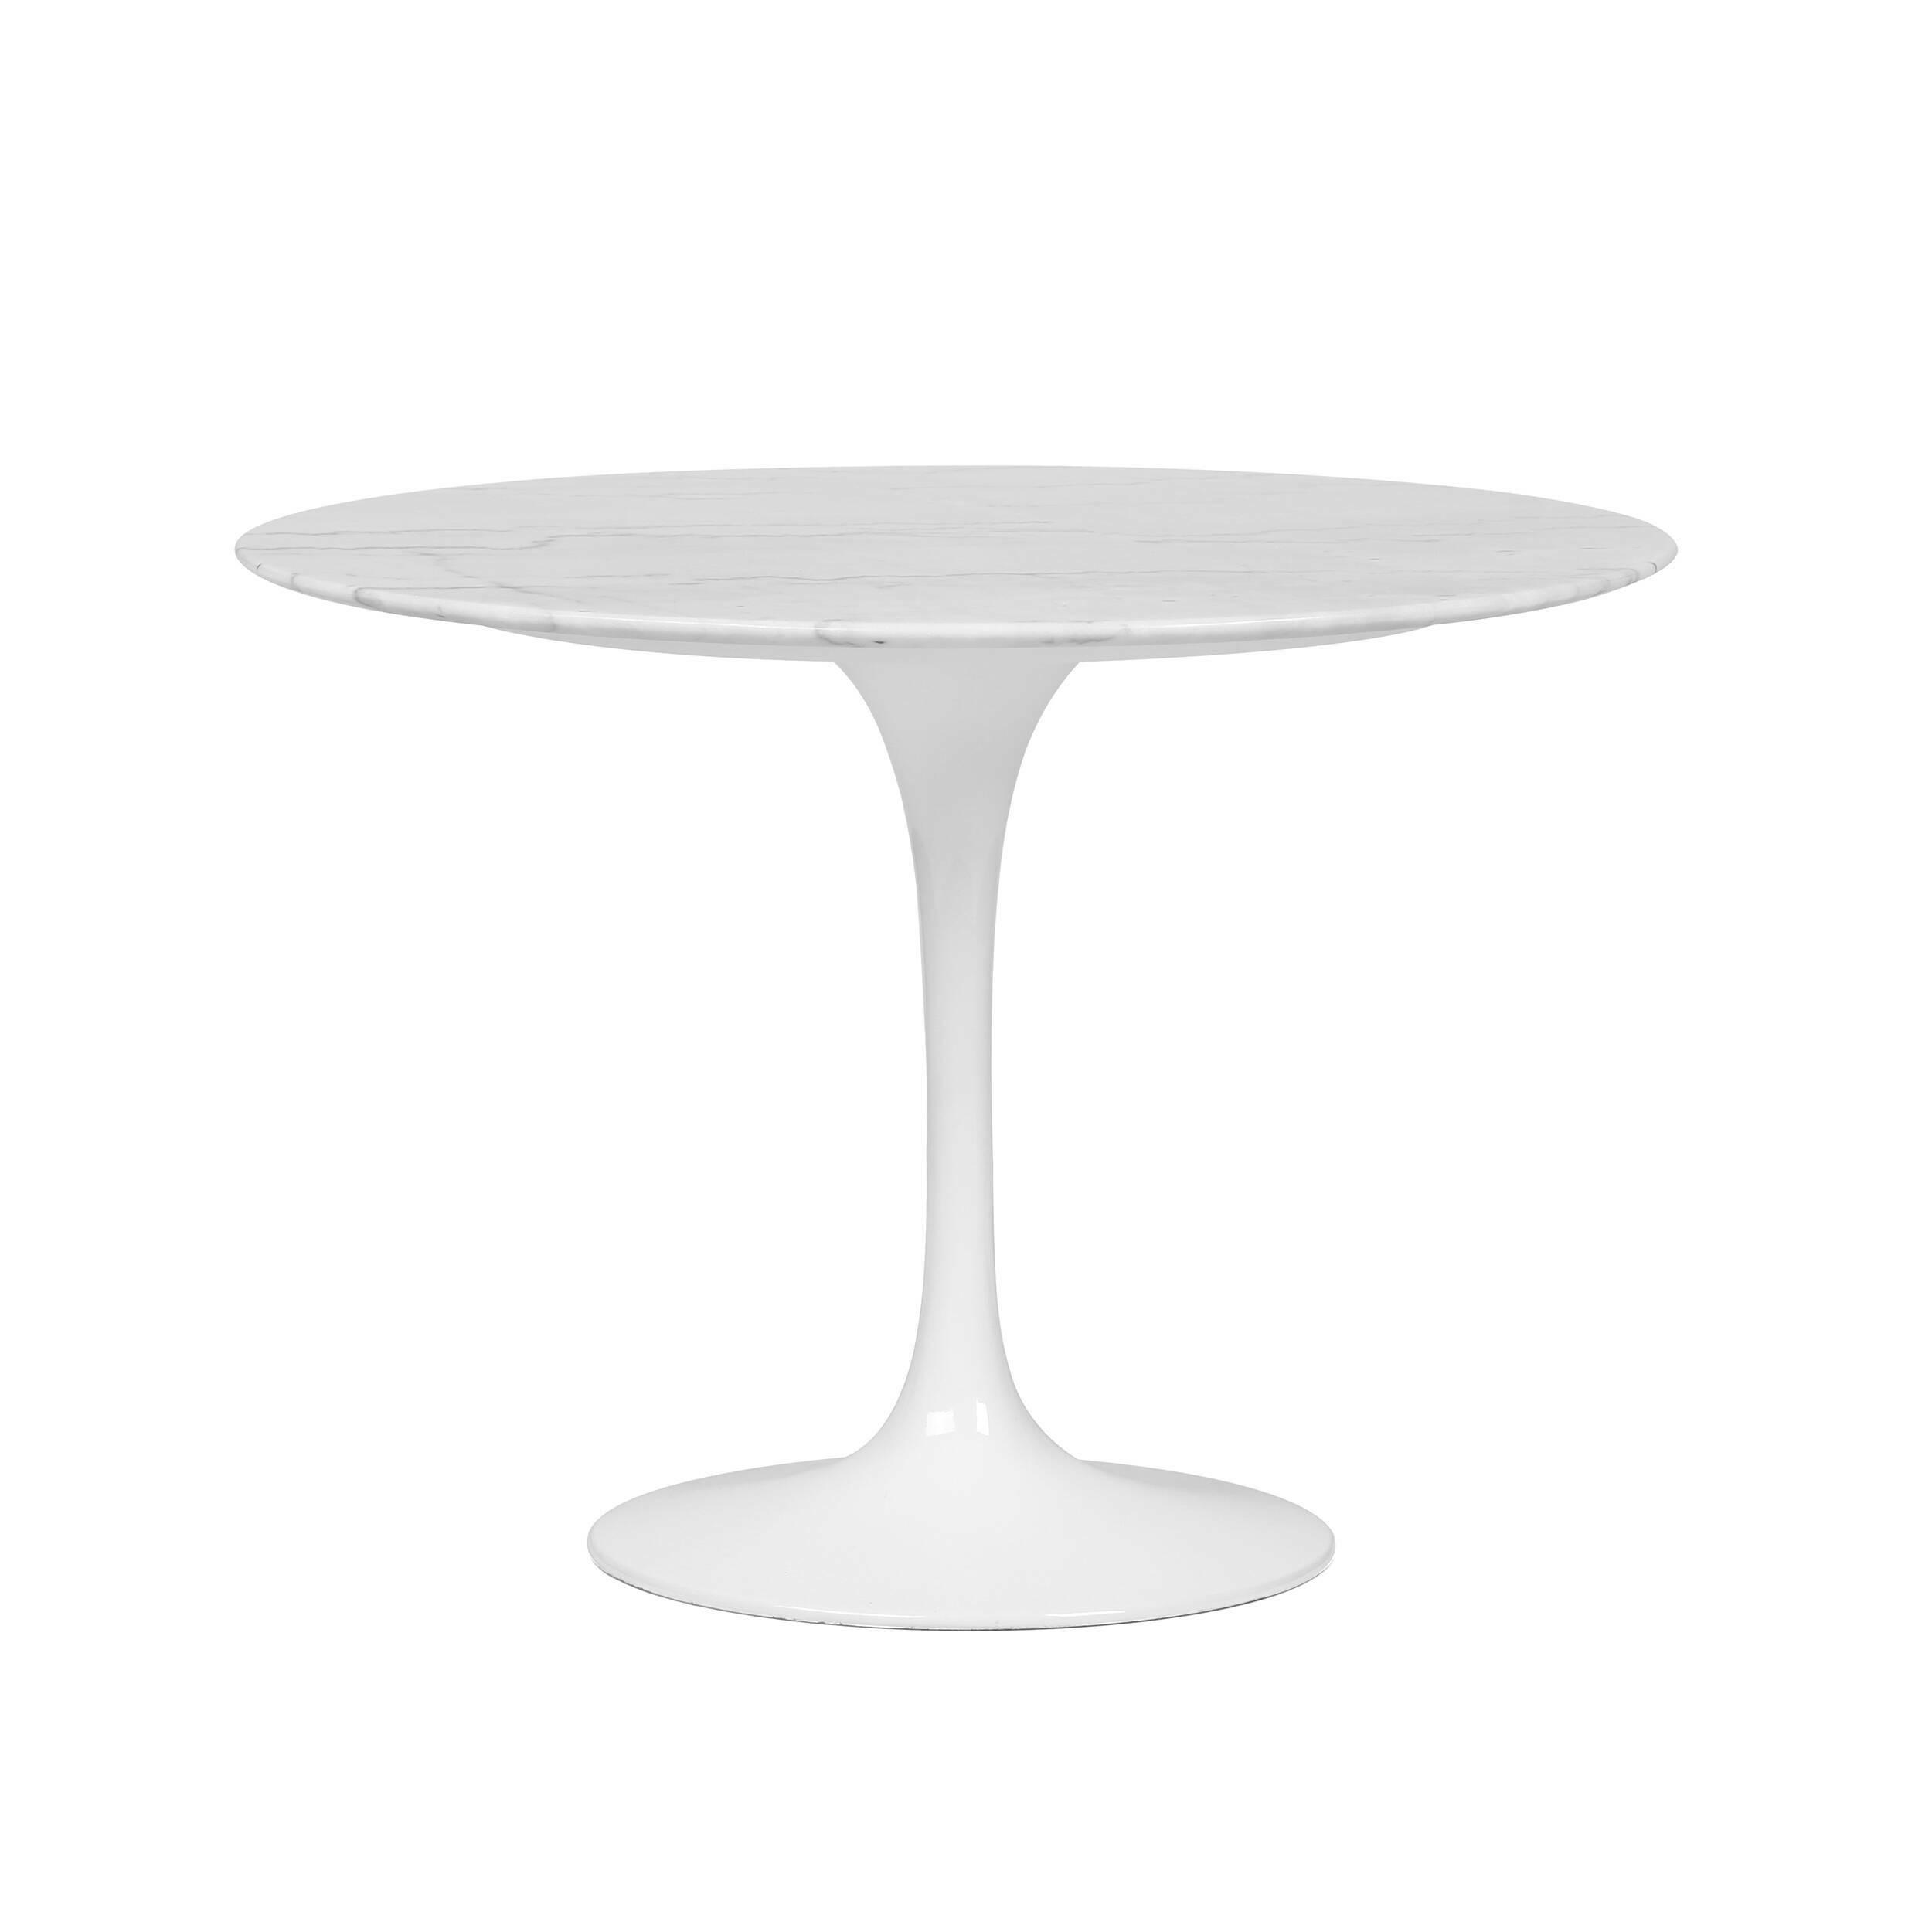 Стол обеденный Tulip Stone II диаметр 100 купить в интернет-магазине дизайнерской мебели Cosmorelax.Ru